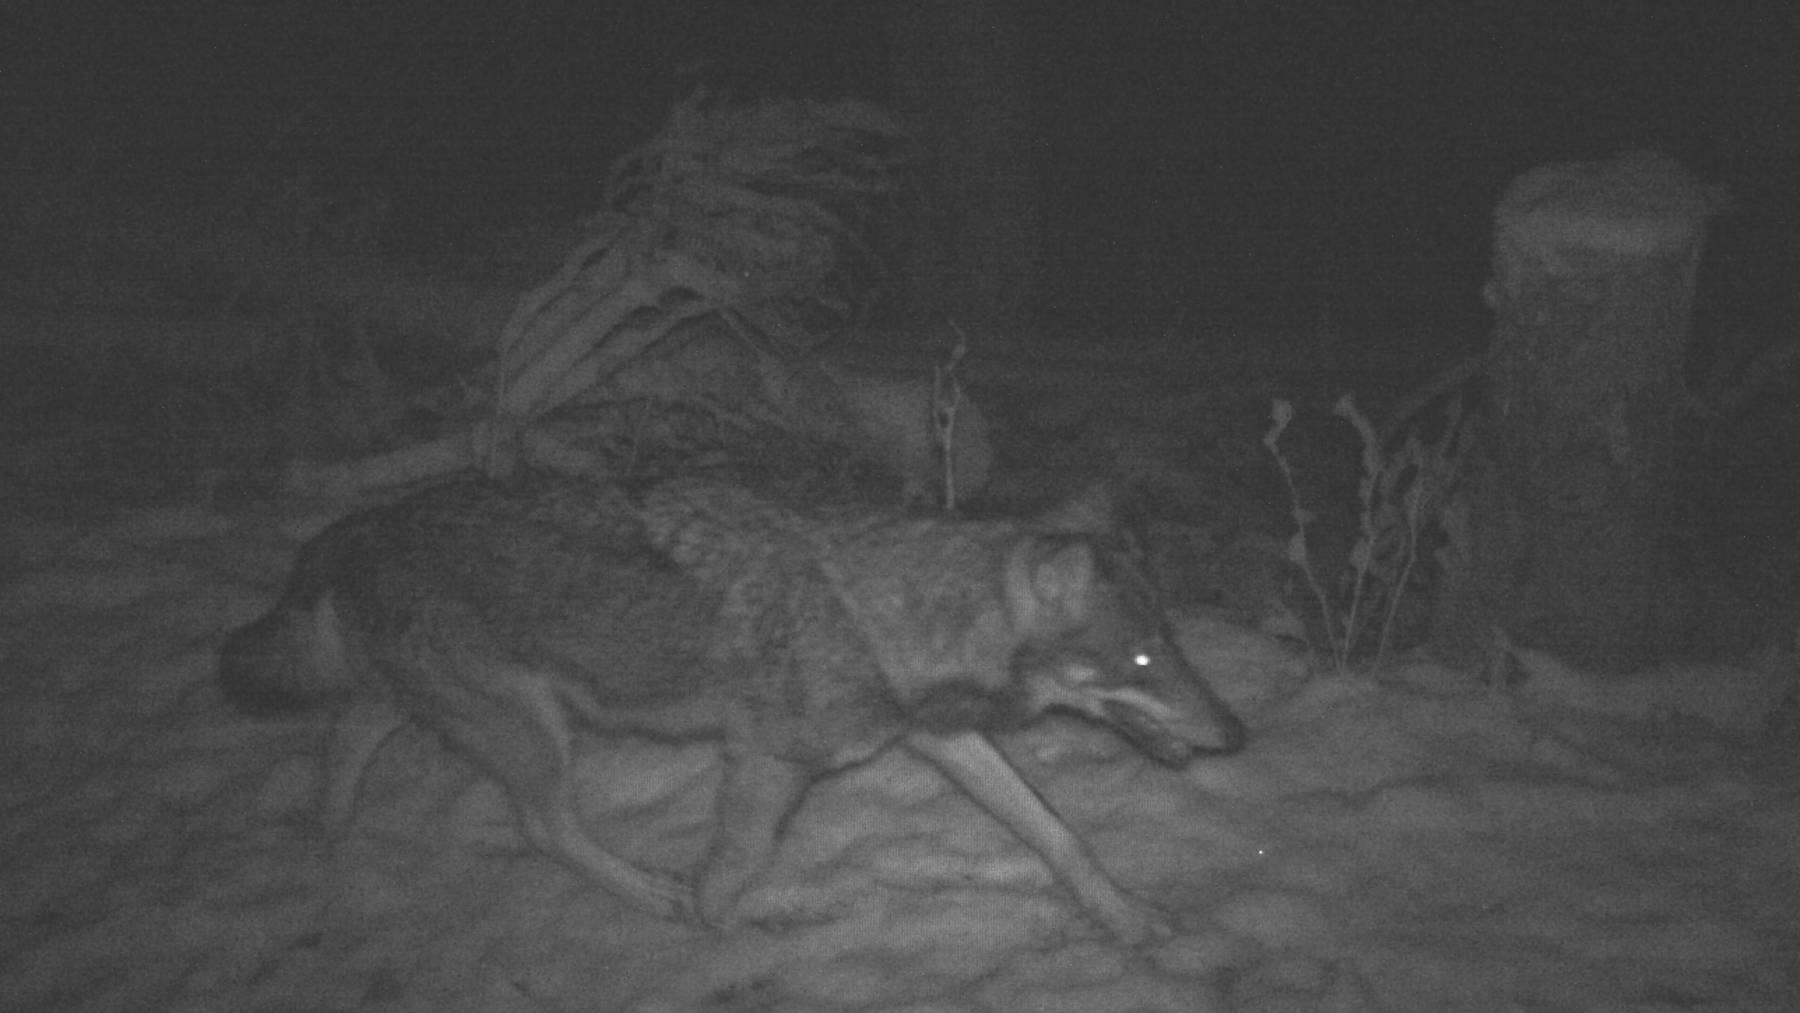 Der Wolf ist in eine Fotofalle getappt.